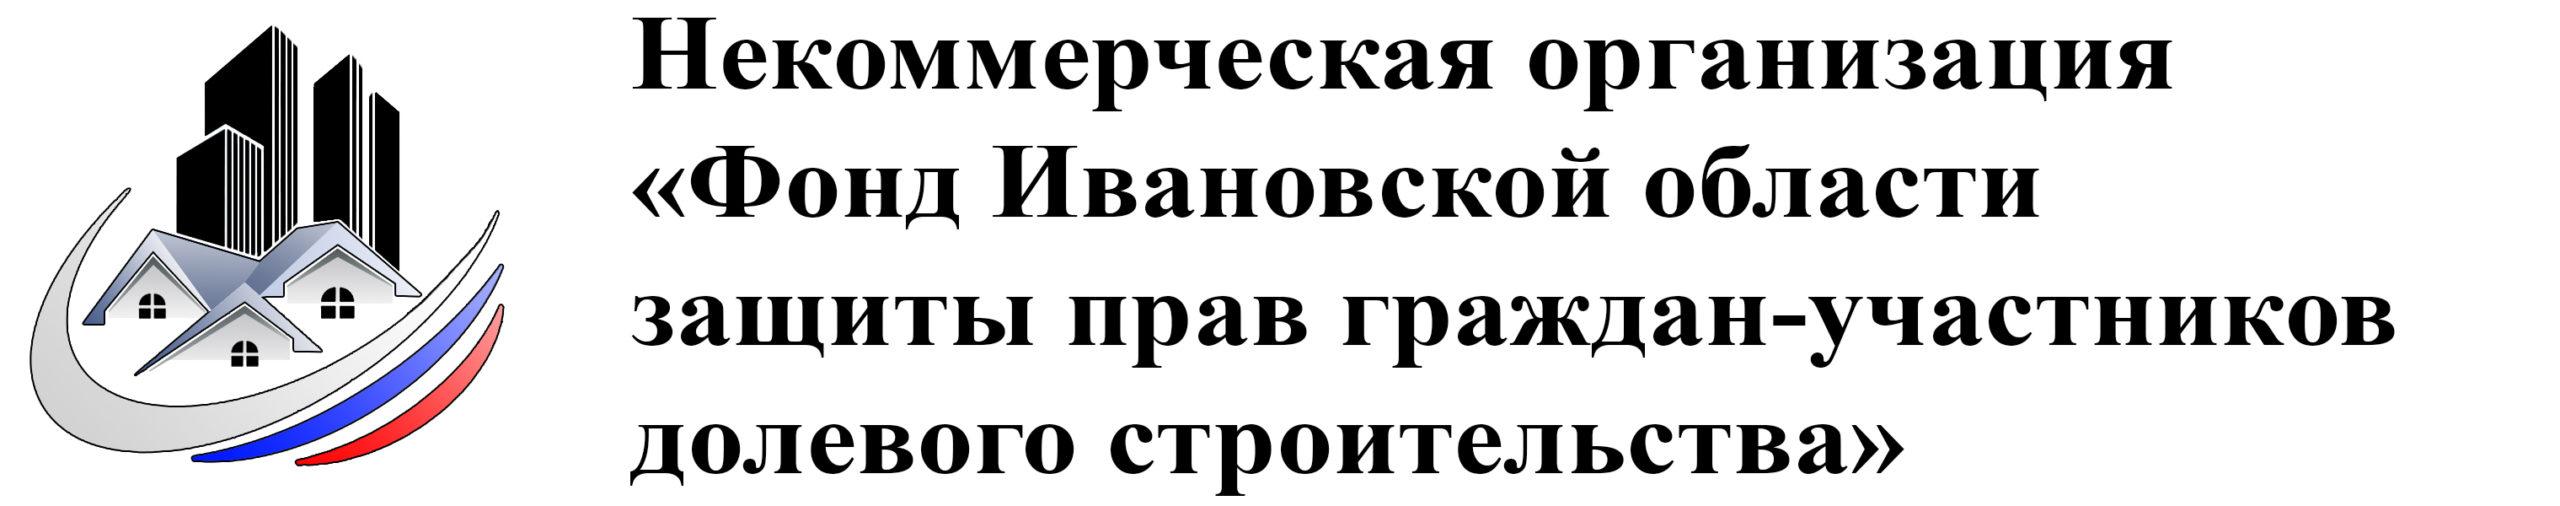 Некоммерческая организация  «Фонд Ивановской области  защиты пр